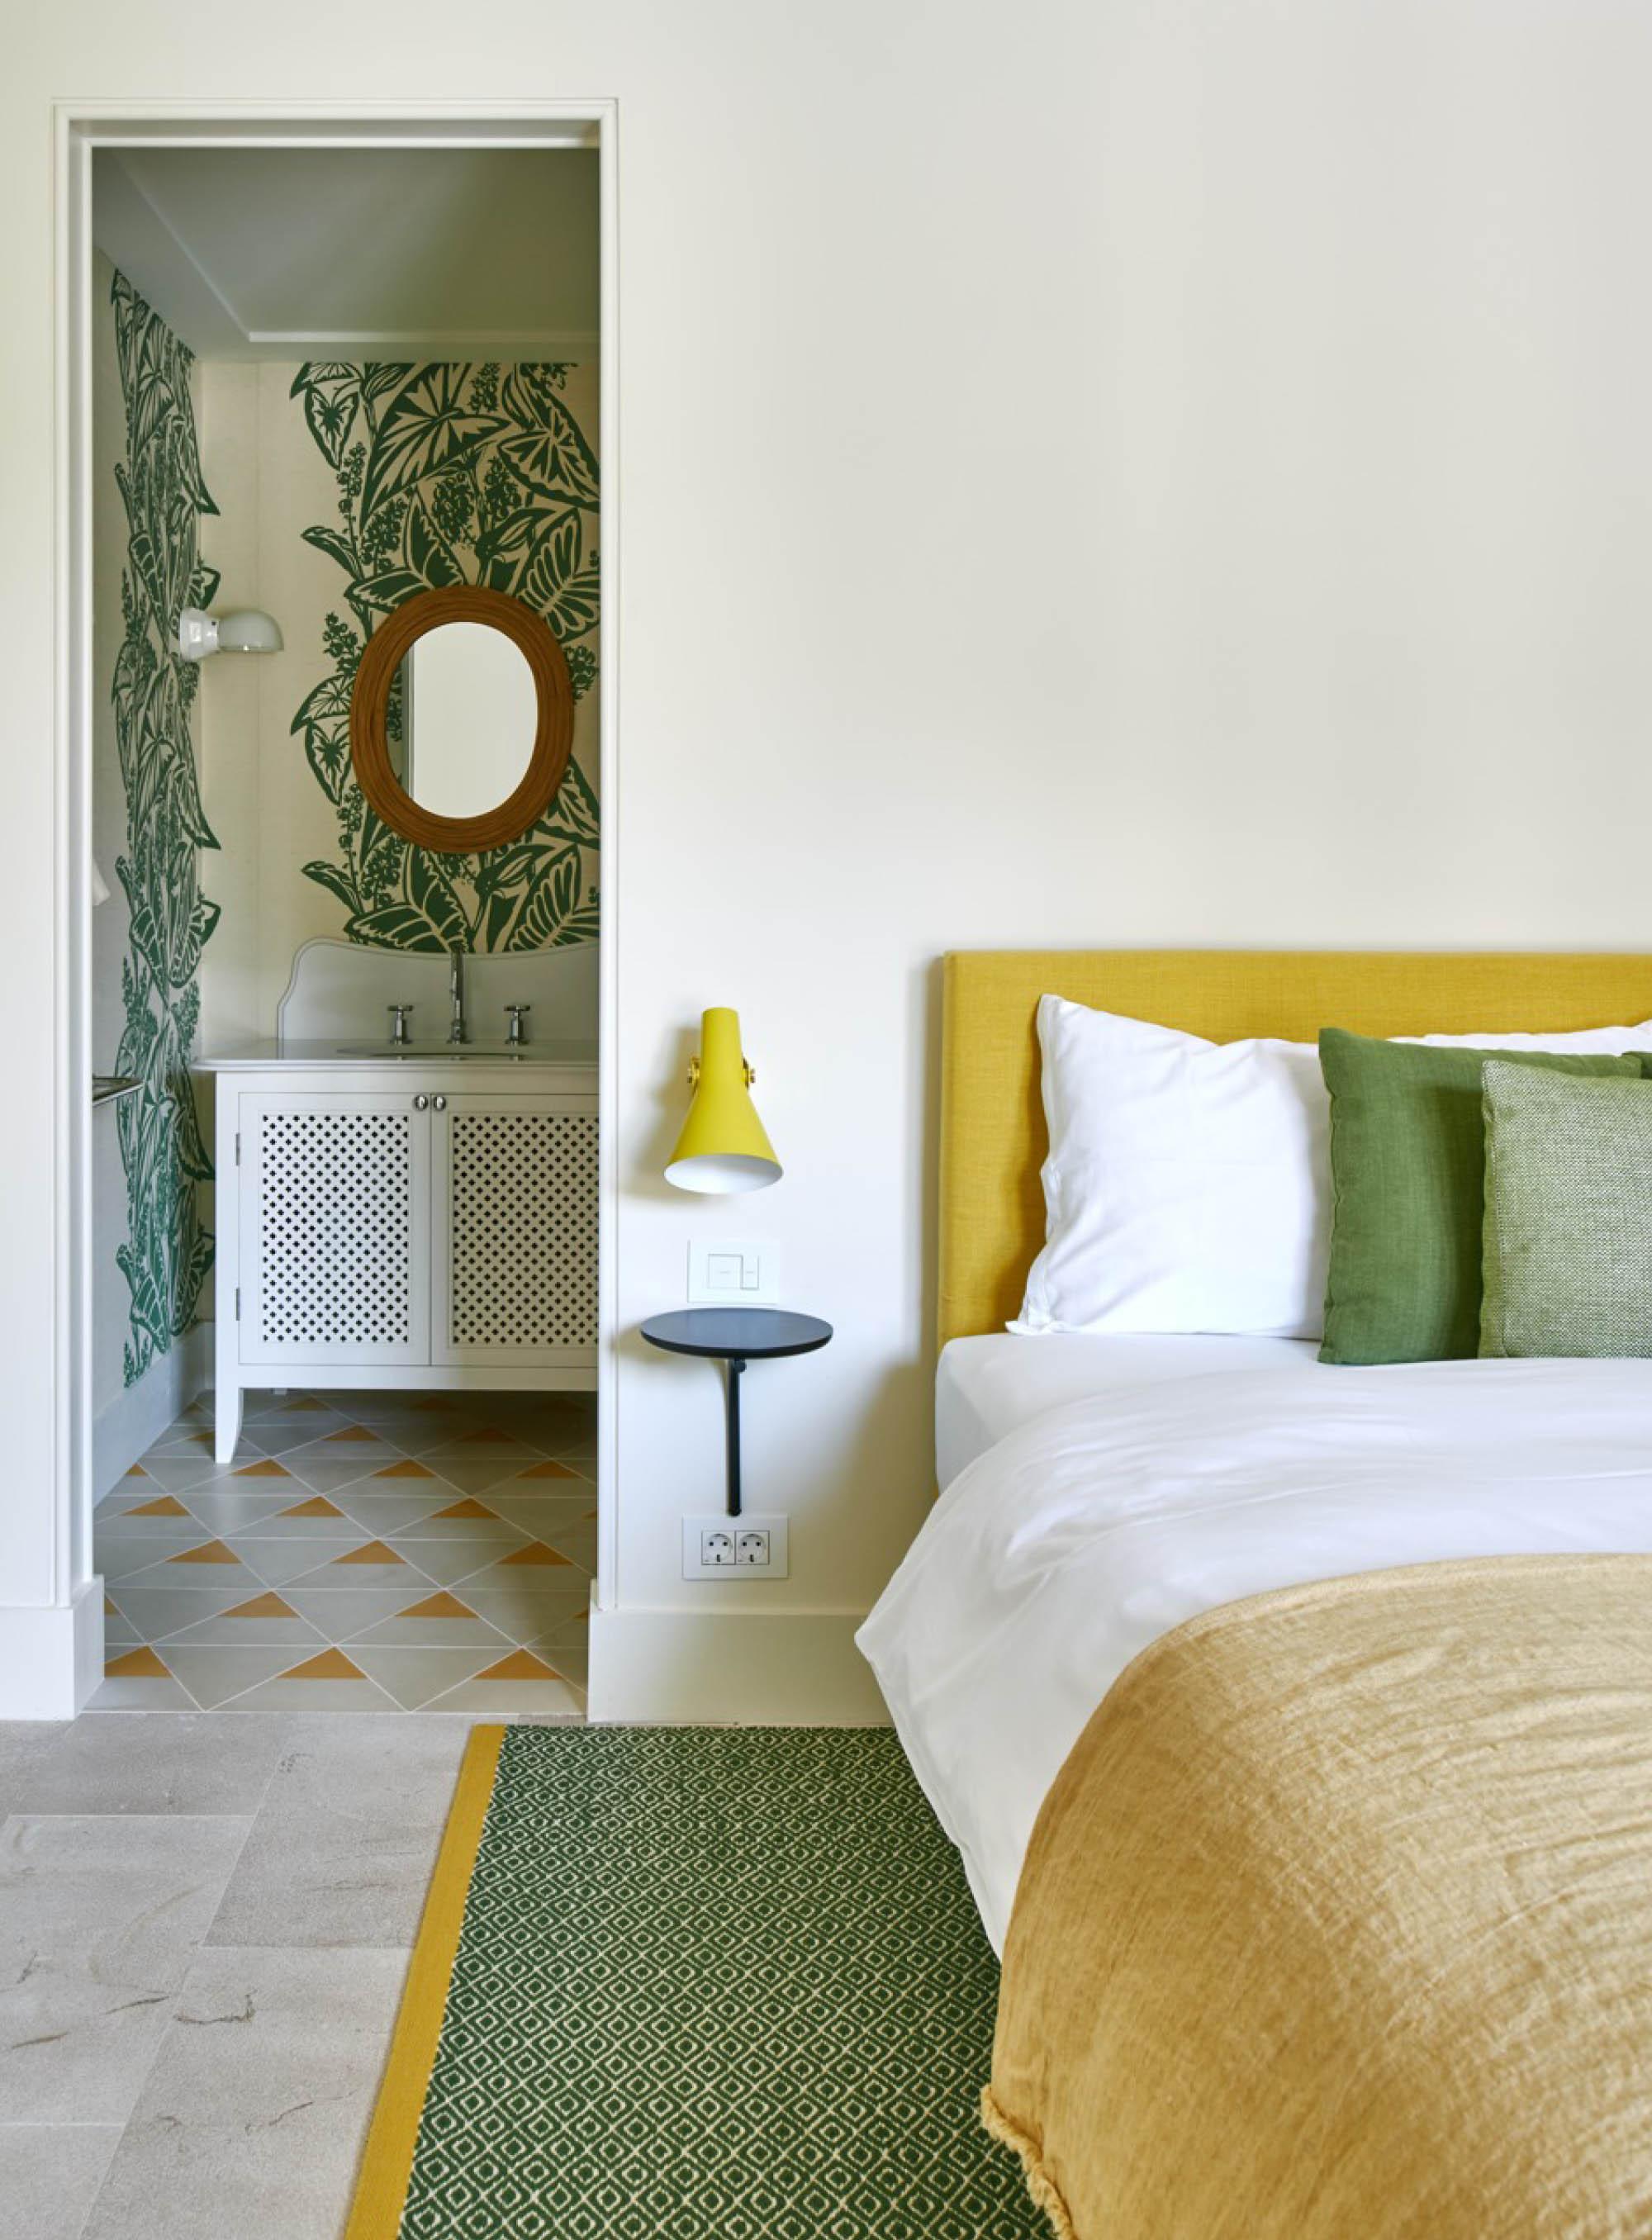 luis_laplace-Casa_Hauser_Menorca-7